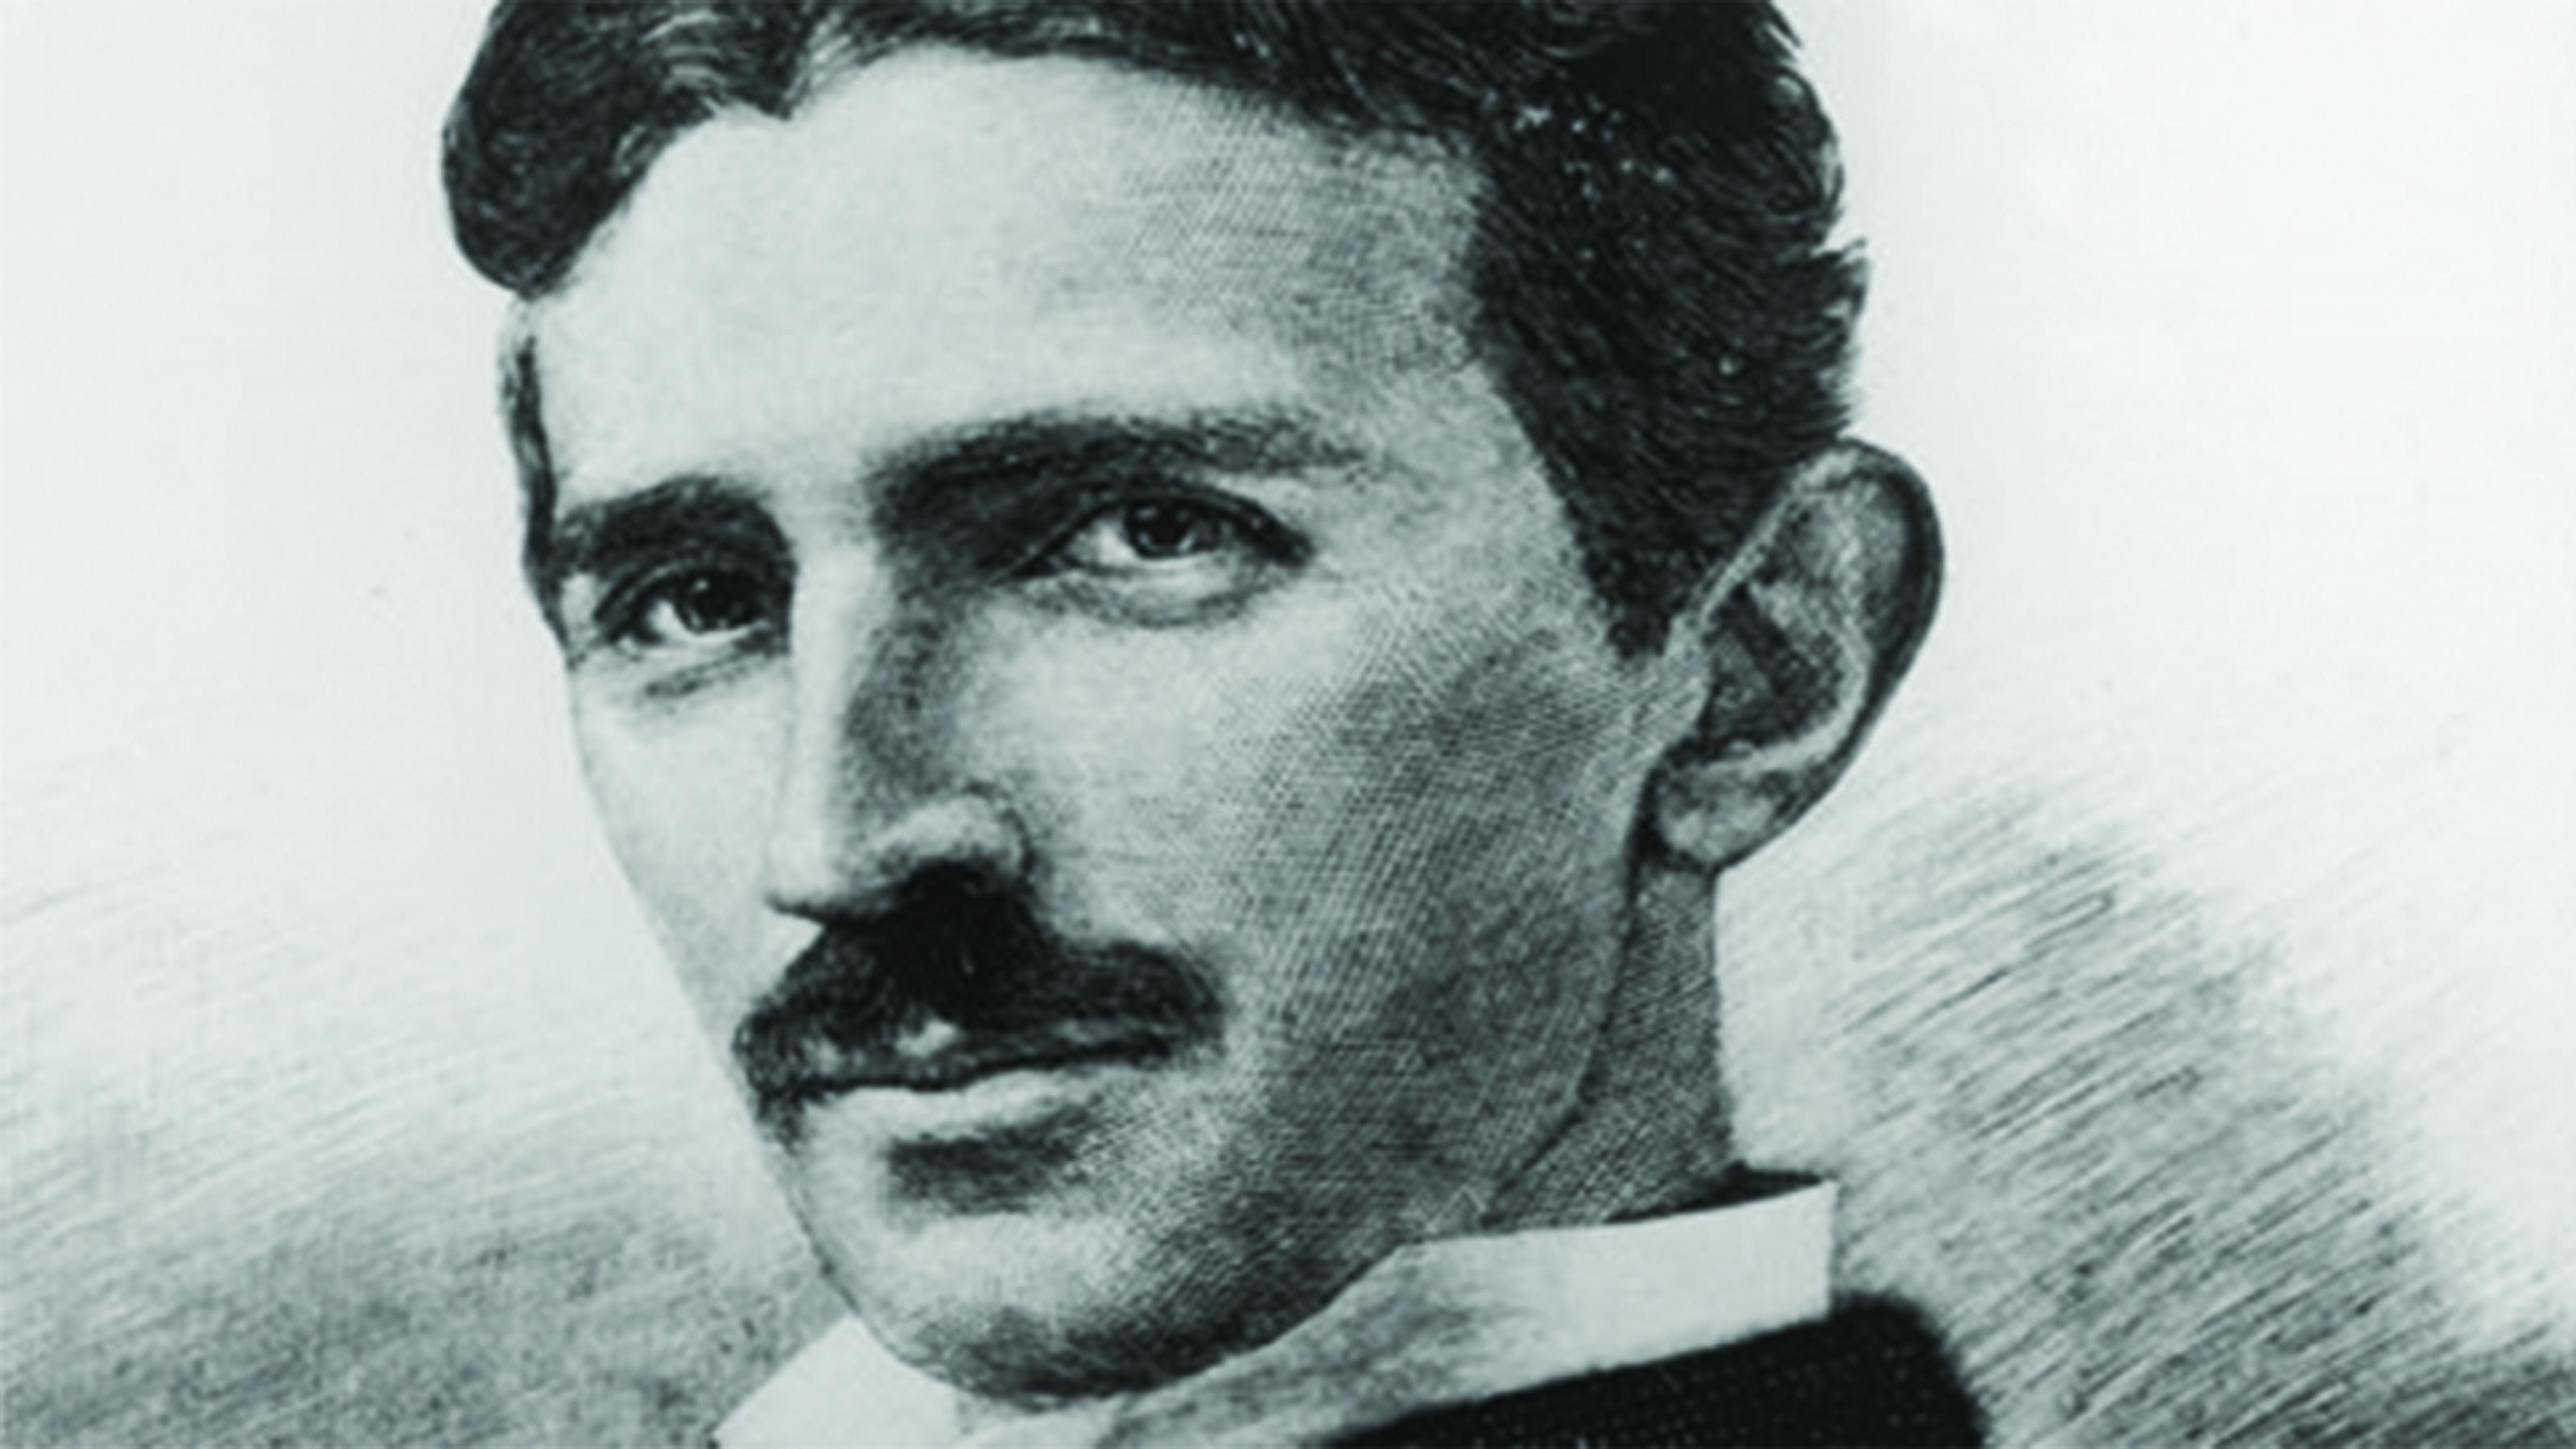 Nikola Tesla Portrait – https://imashon.com/w/nikola-